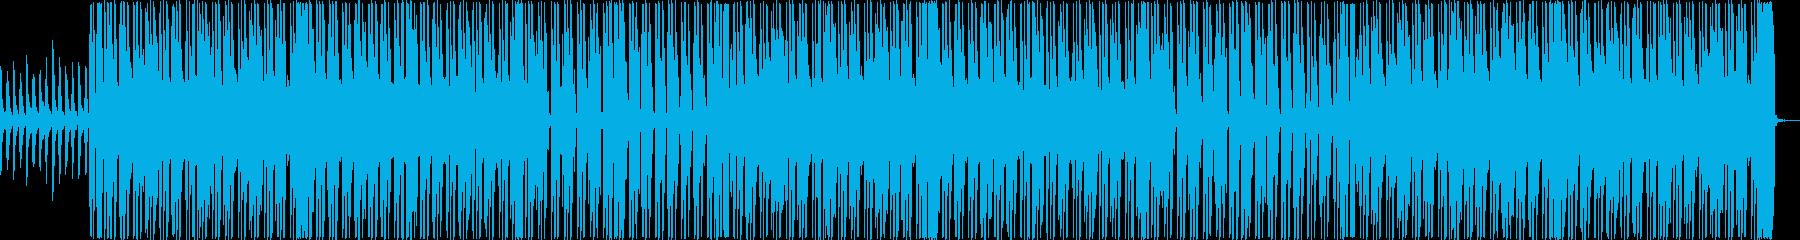 レゲエ  青い空と海の再生済みの波形